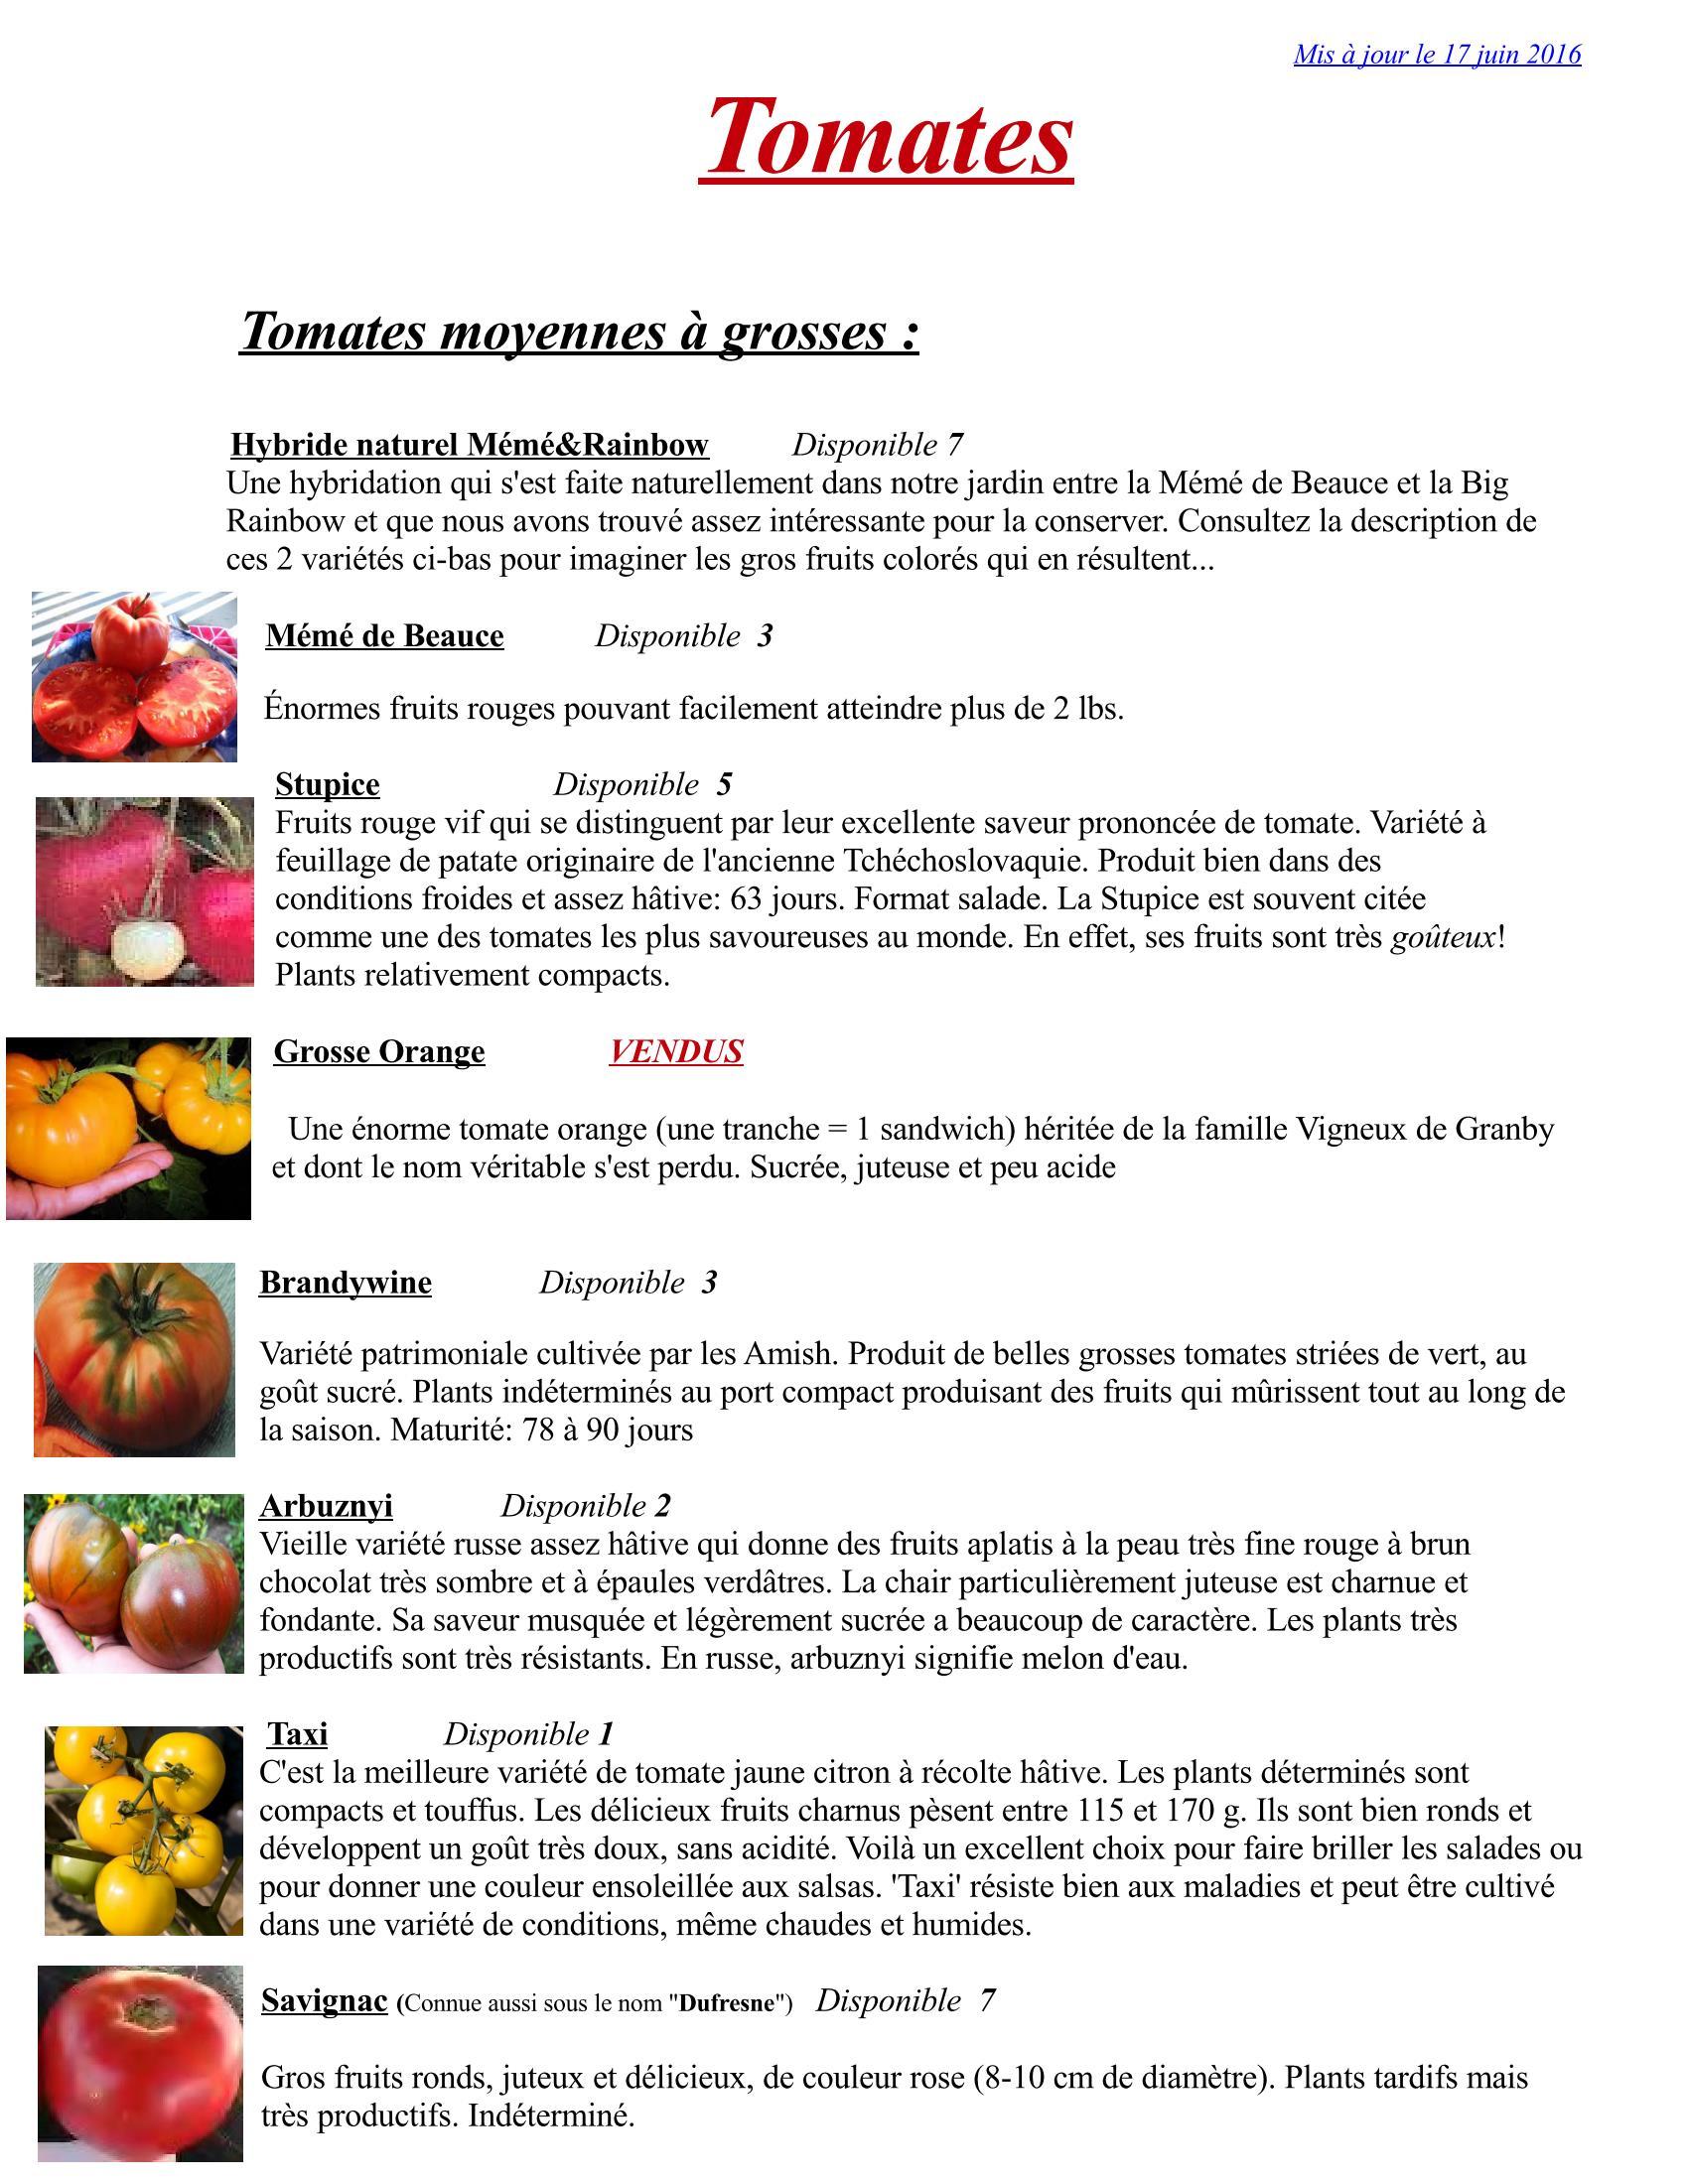 Plants de l gumes vendre march public mante du carr - Plant de rhubarbe a vendre ...